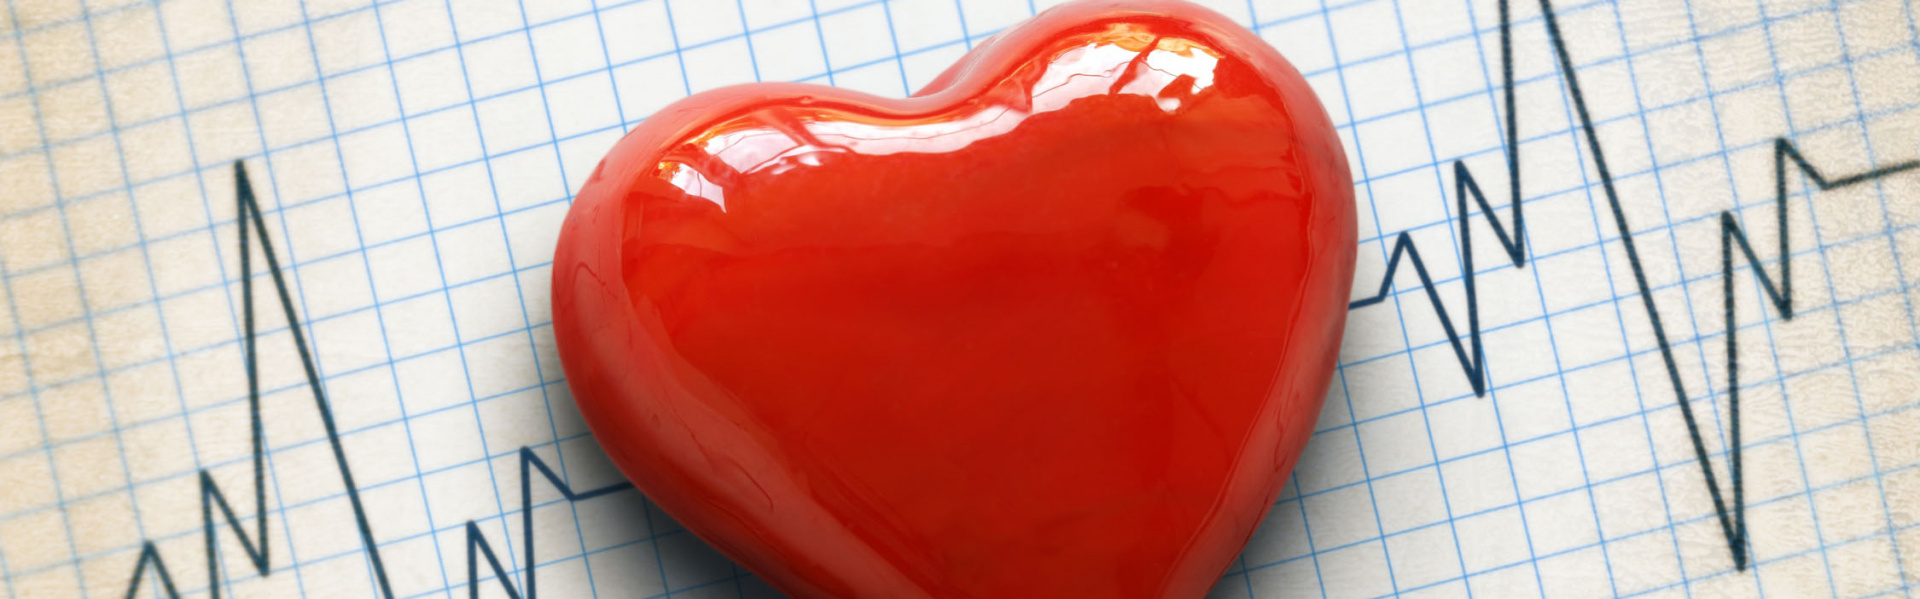 Especialistes en salut cardiovascular